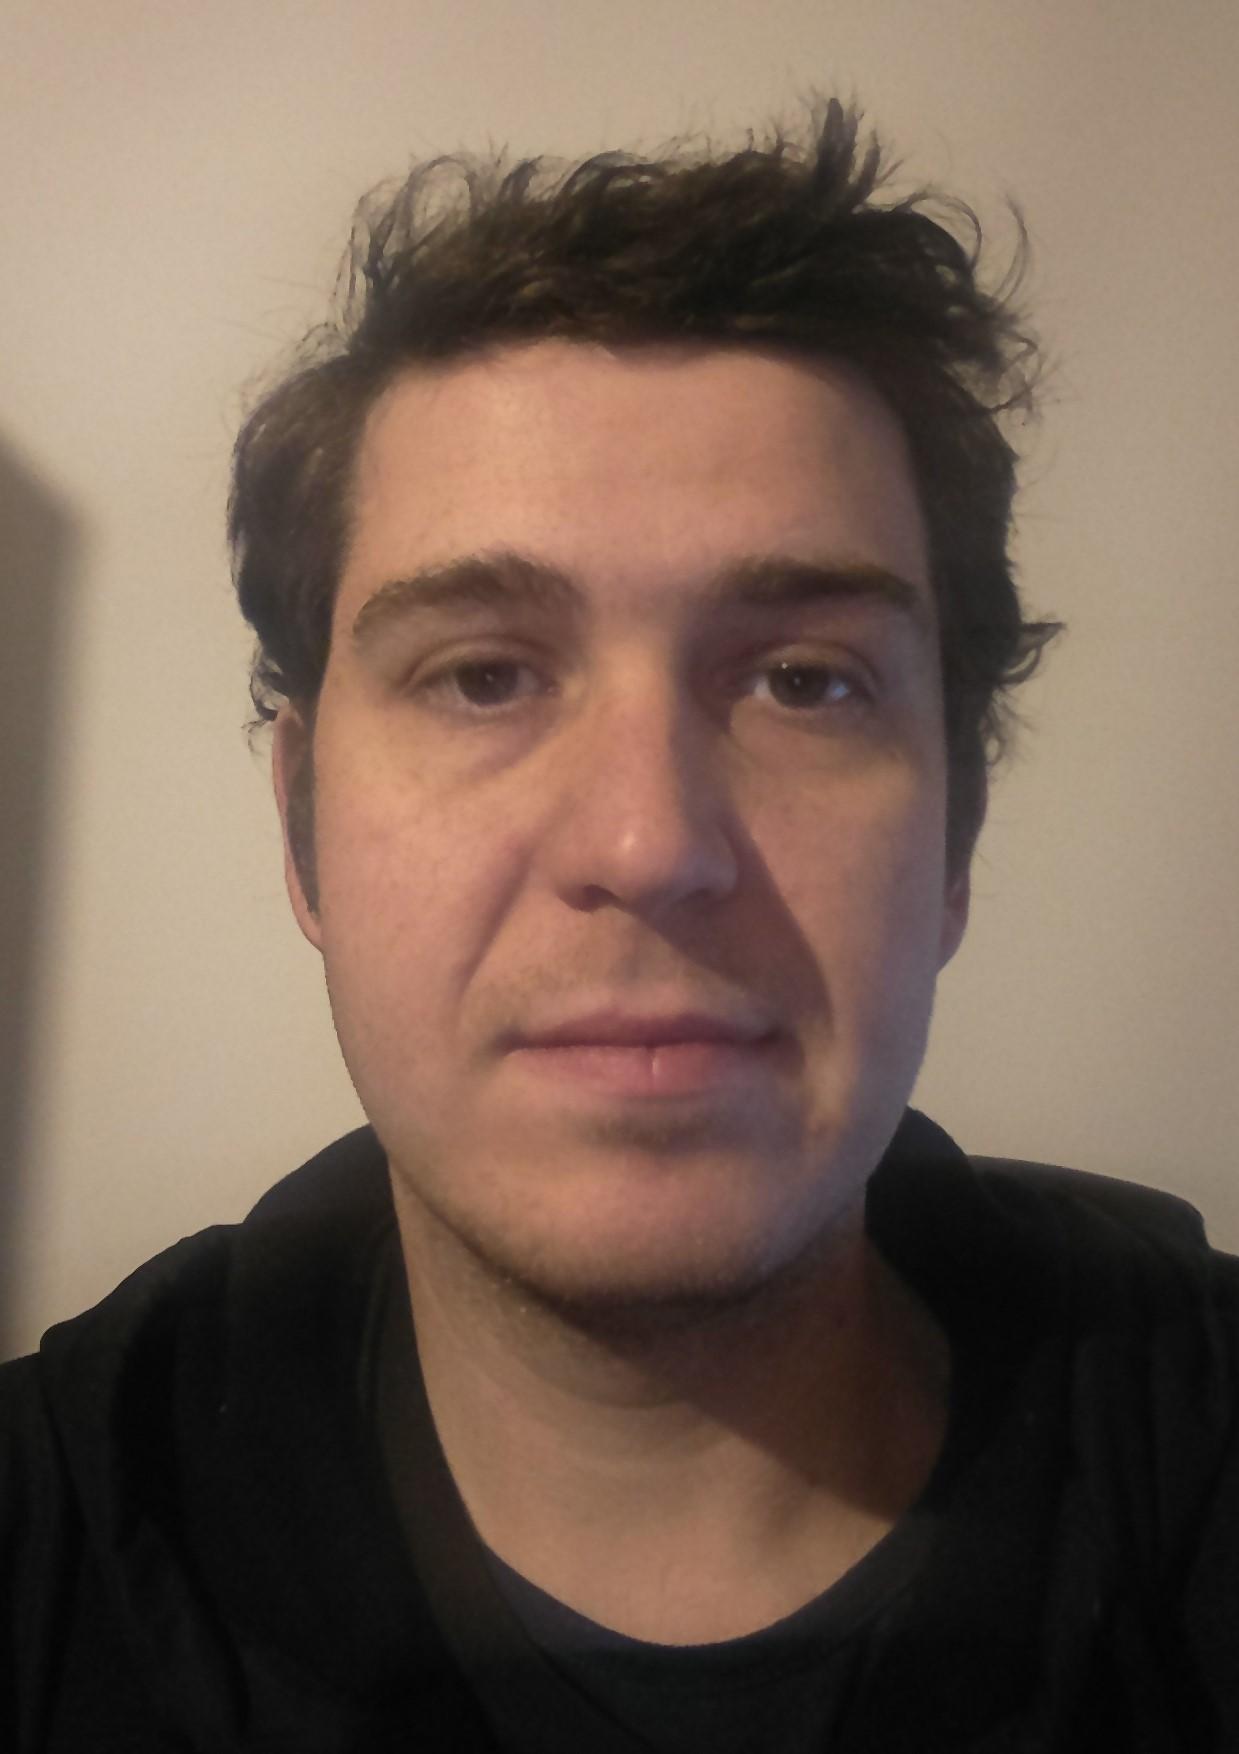 Travis' profile picture